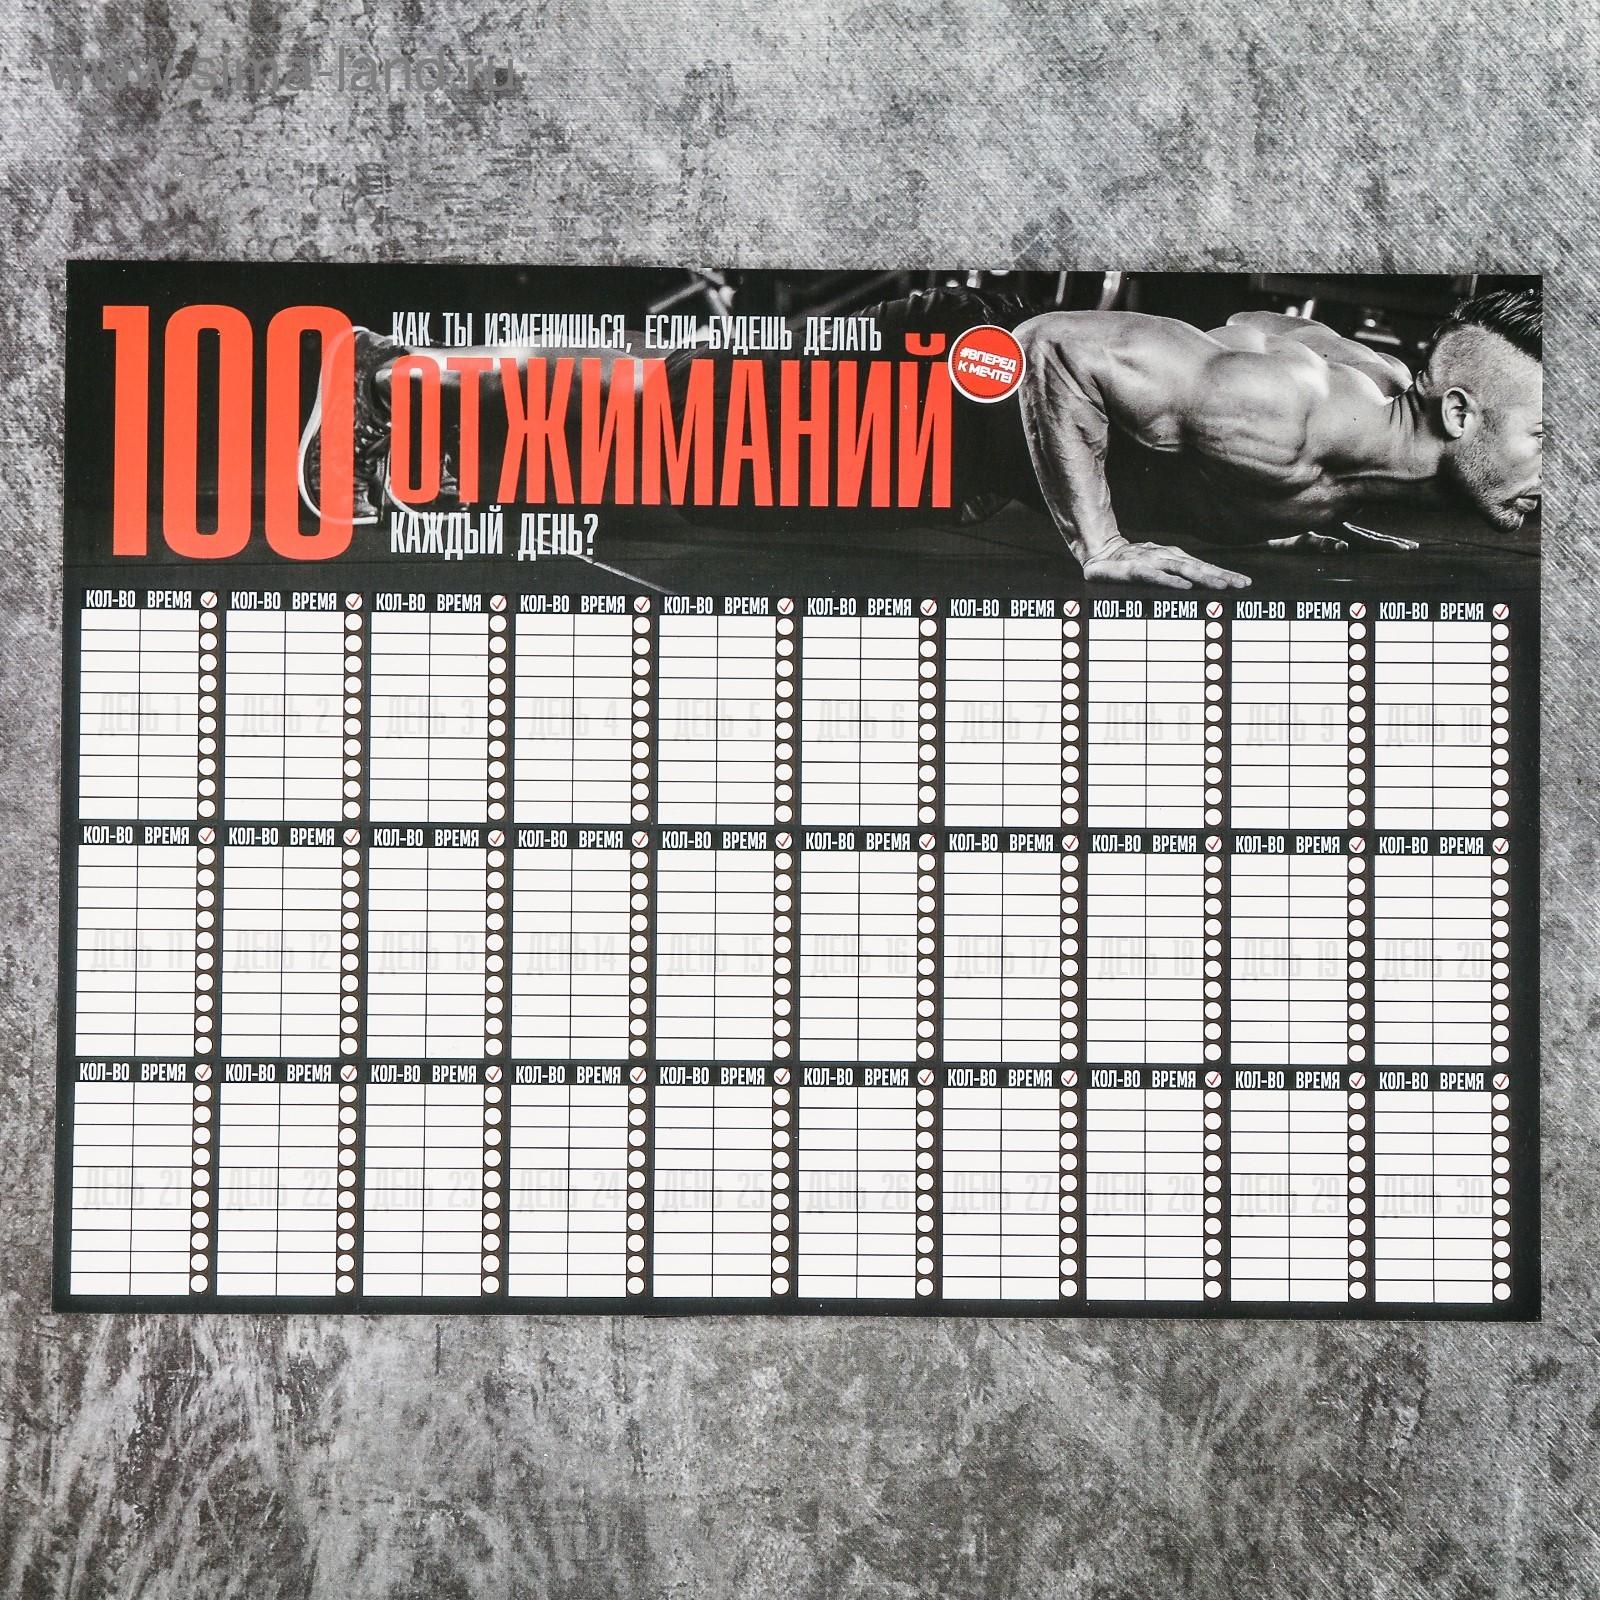 Изготовление спортивных календарей-планингов в Москве | фото 1